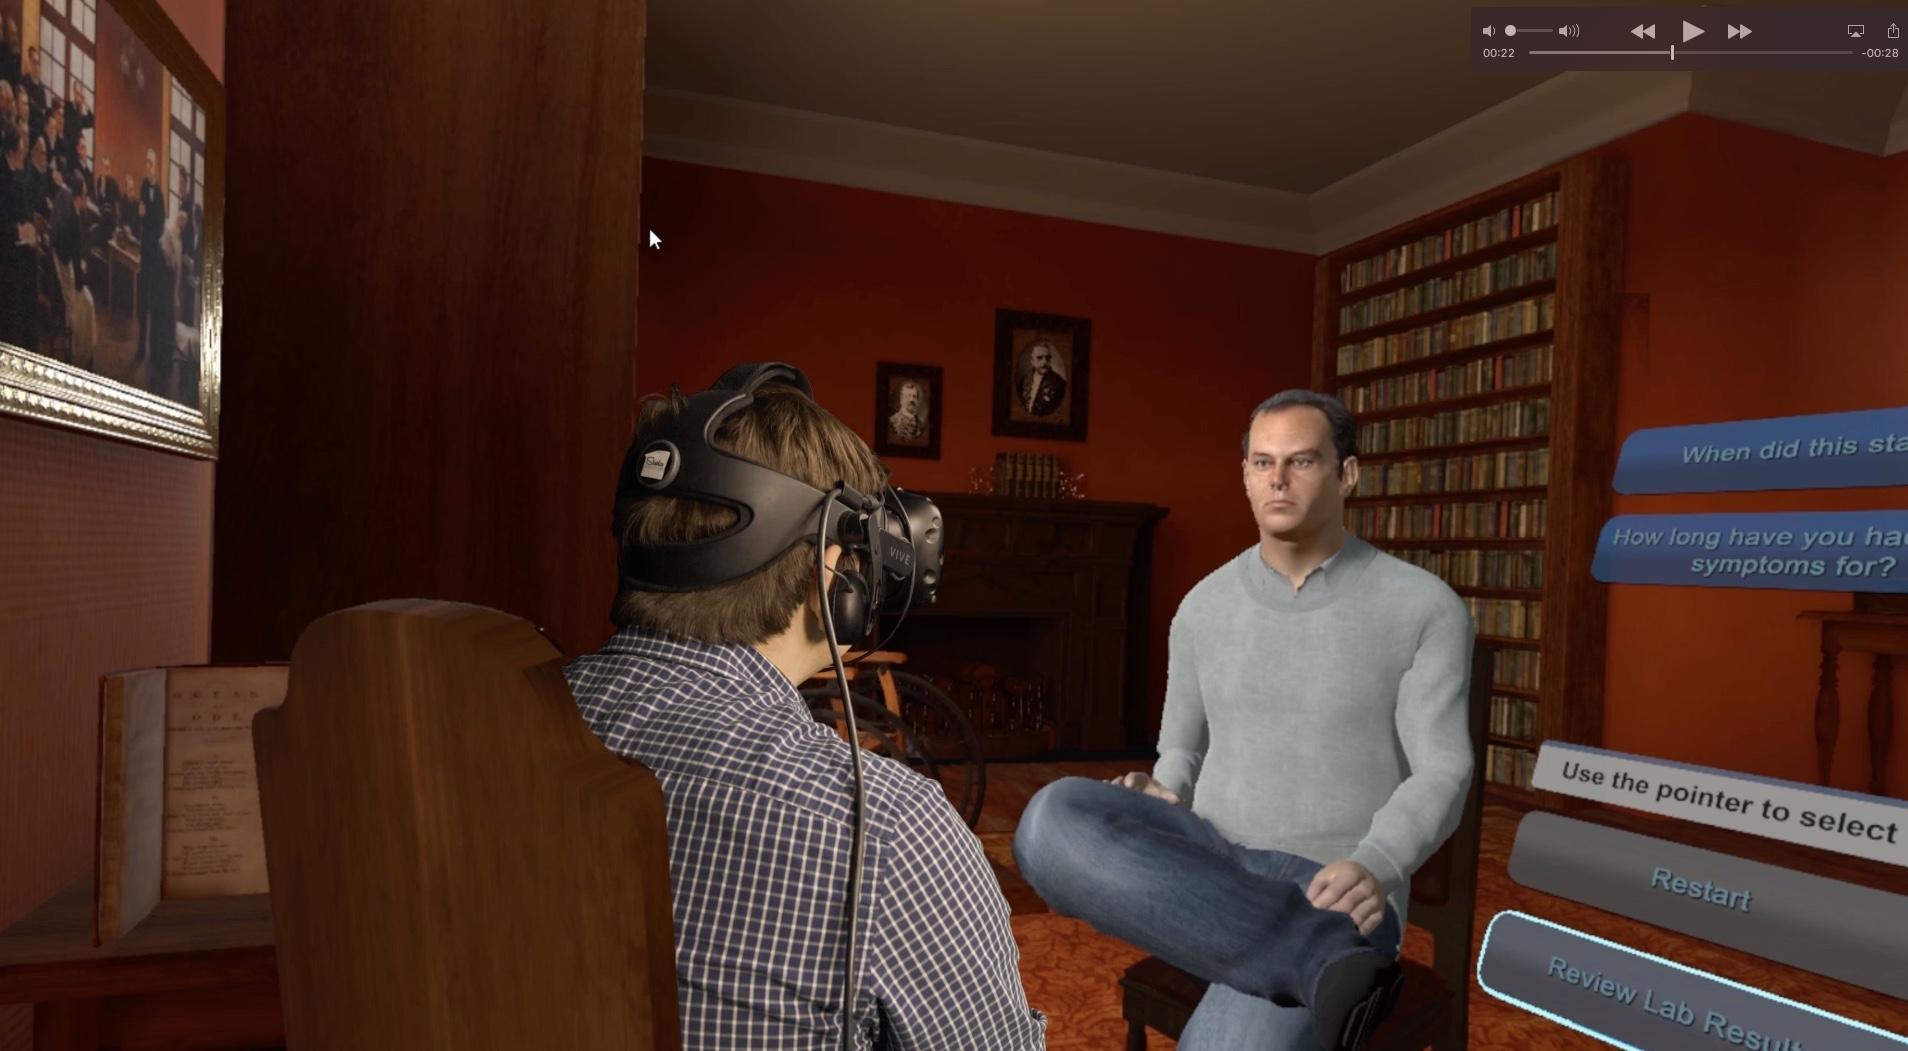 Novartis Australia - Virtual Reality Patient Diagnosis -